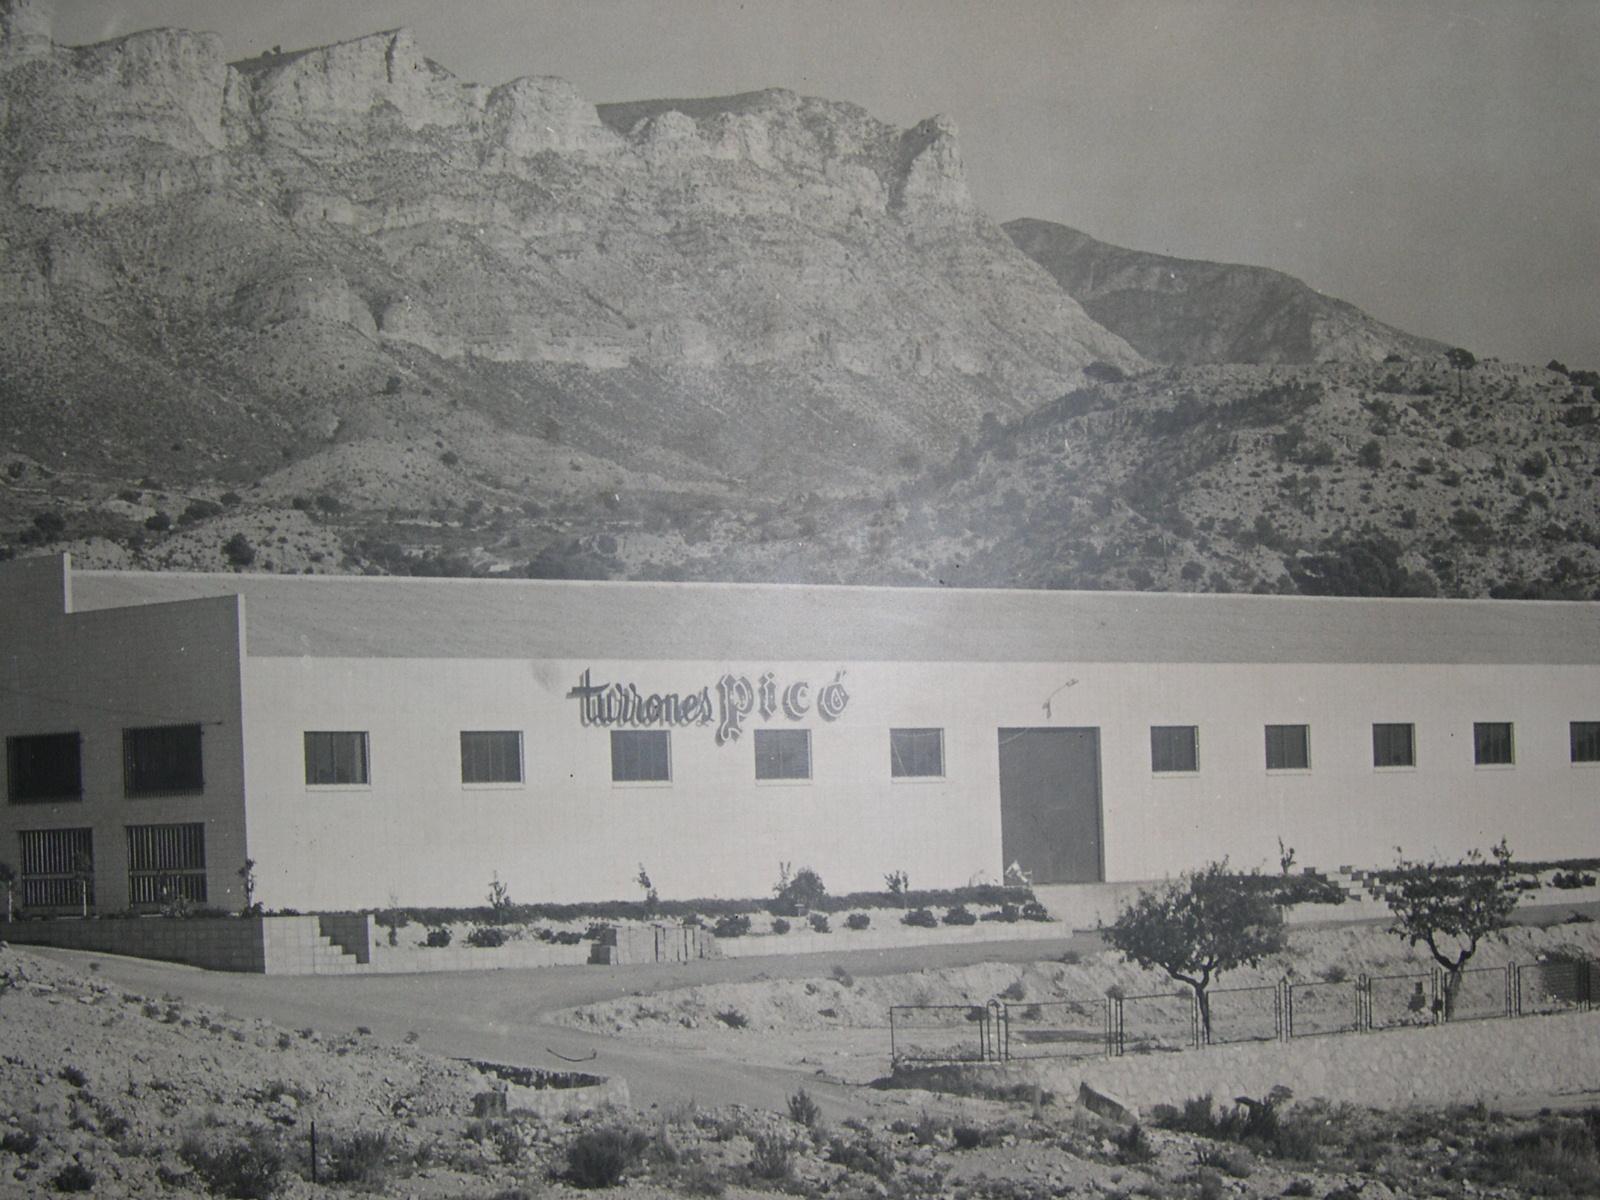 1975 Imagen general de la fabrica de turrones picó